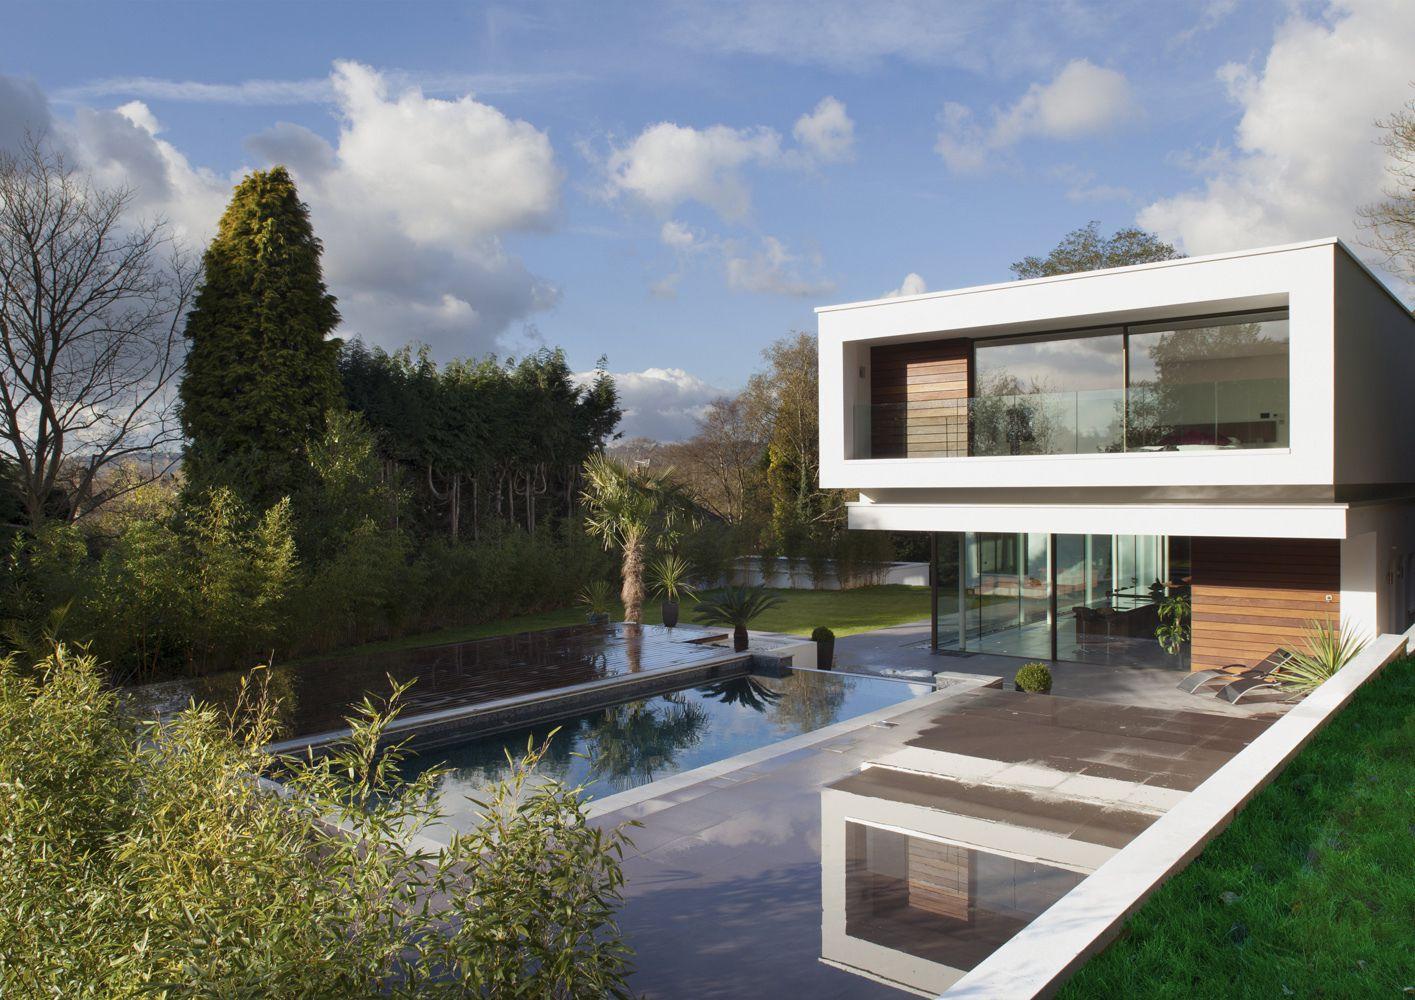 51b9e6efb3fc4bd12a000007_white-lodge-dyergrimes-architects_wl01logan